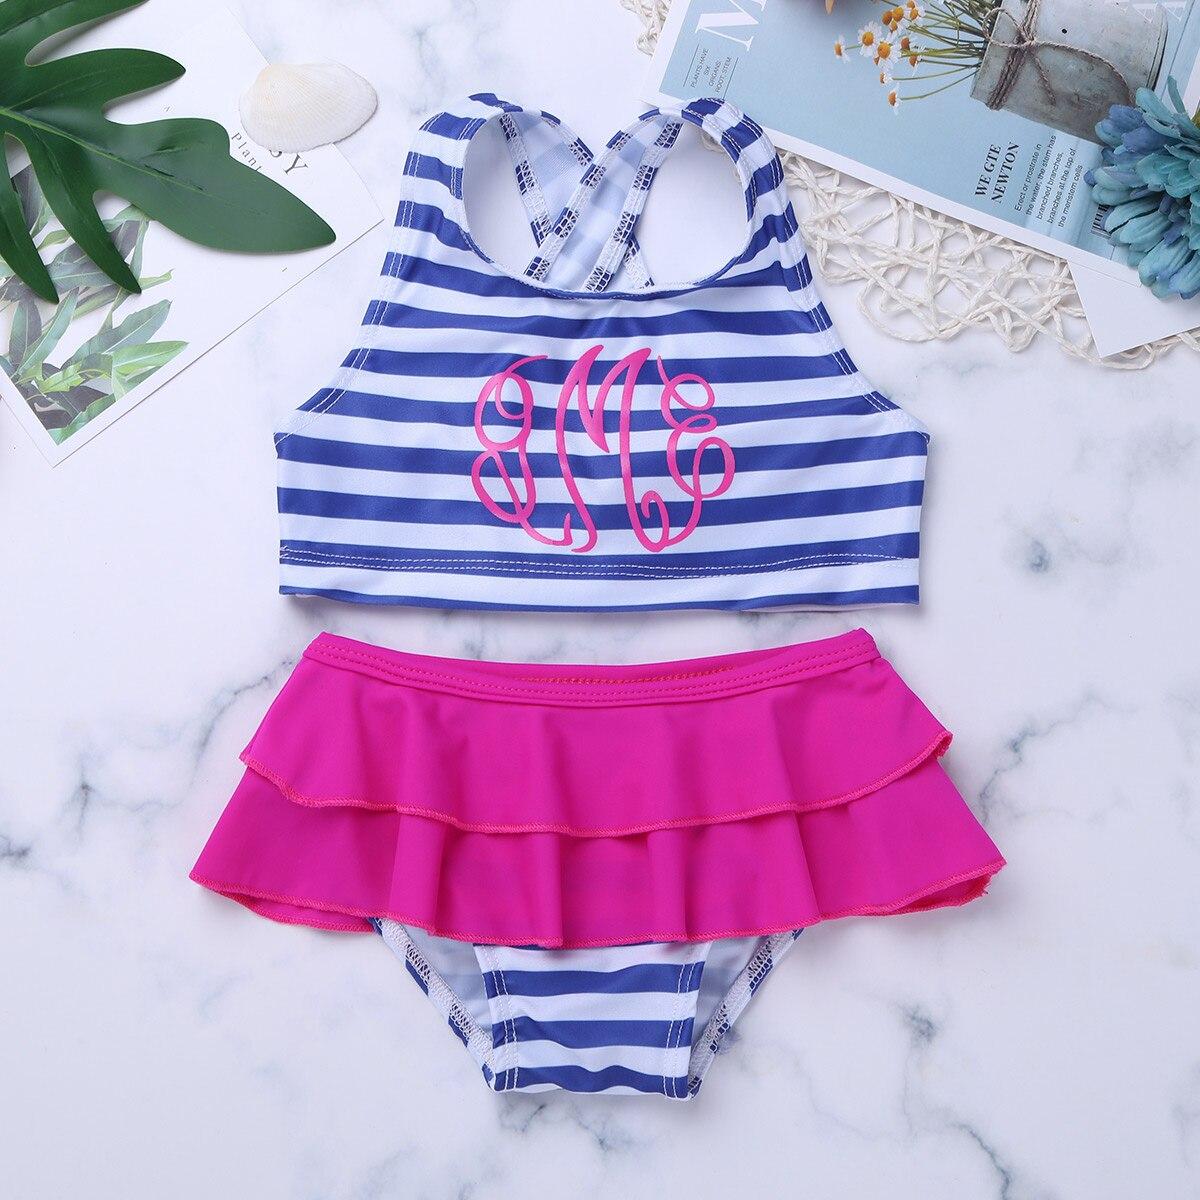 Girls Swimwear 2 Piece Children Baby Bikini Set Tops With -4065